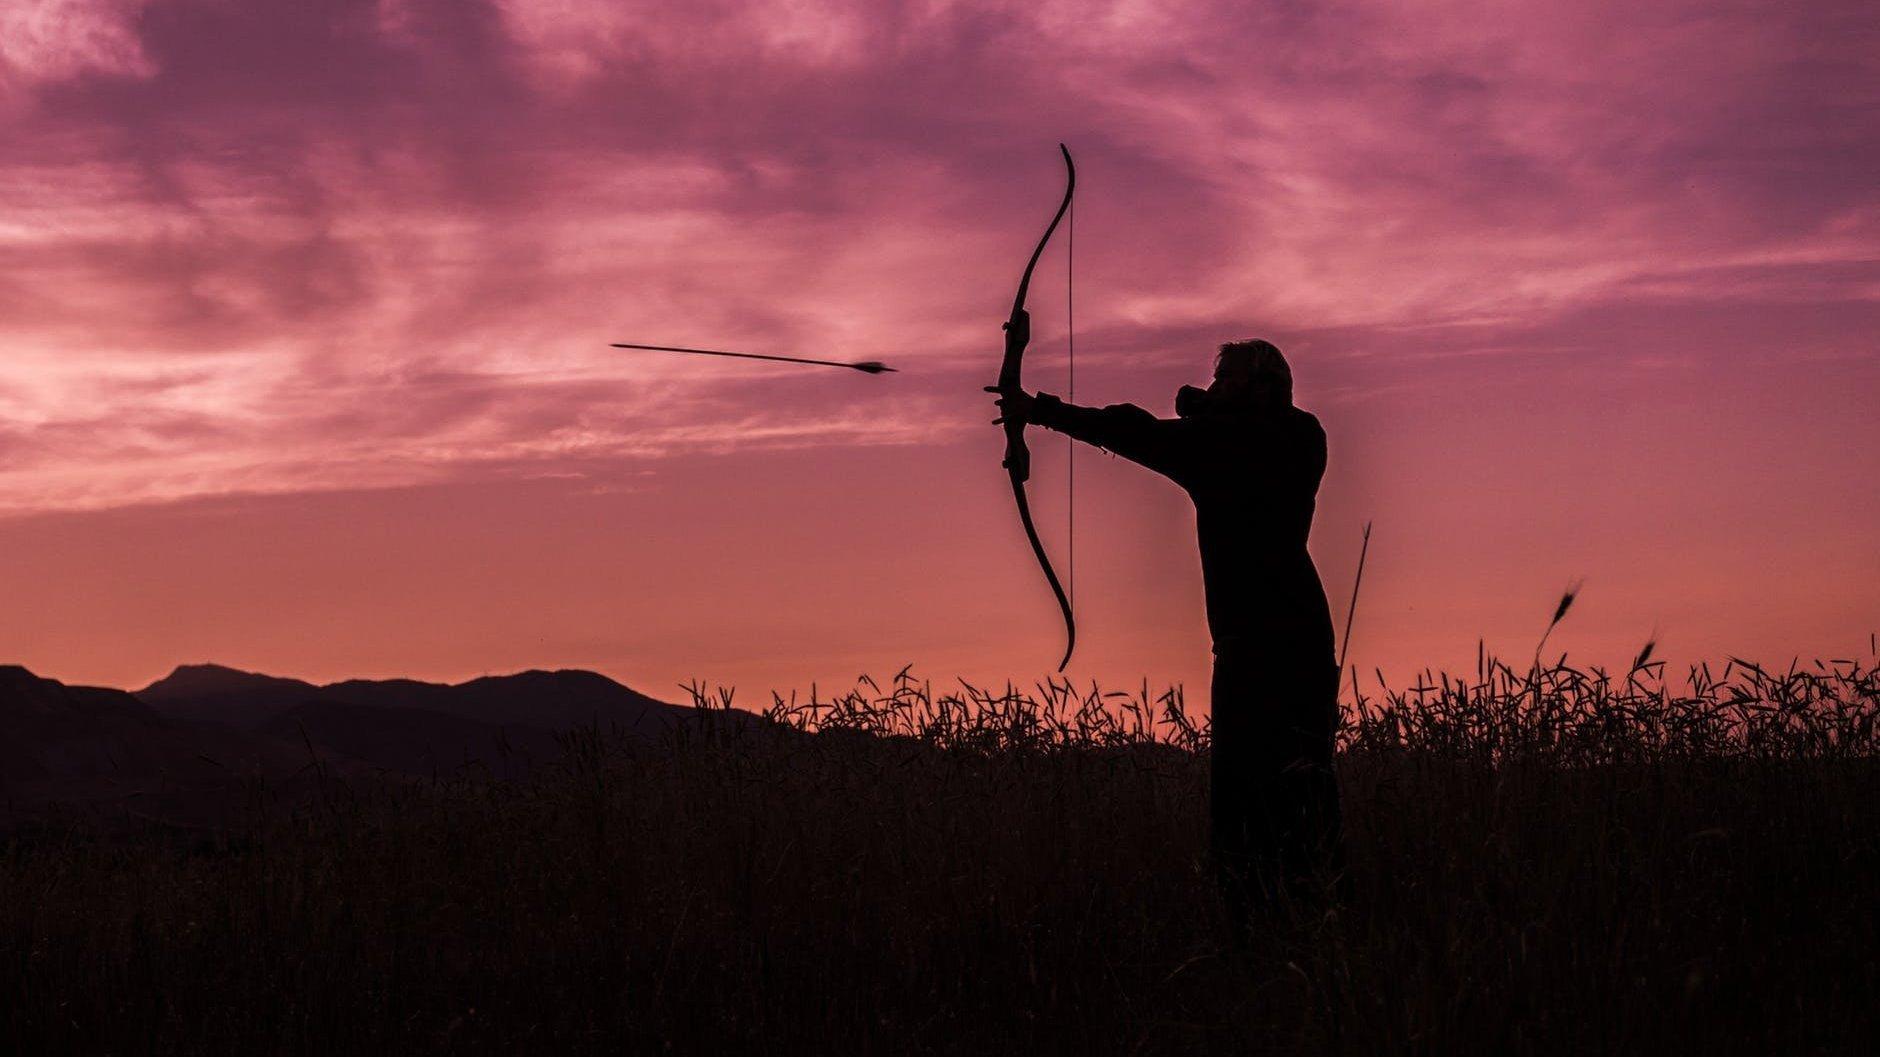 Silhueta de pessoa usando arco e flecha